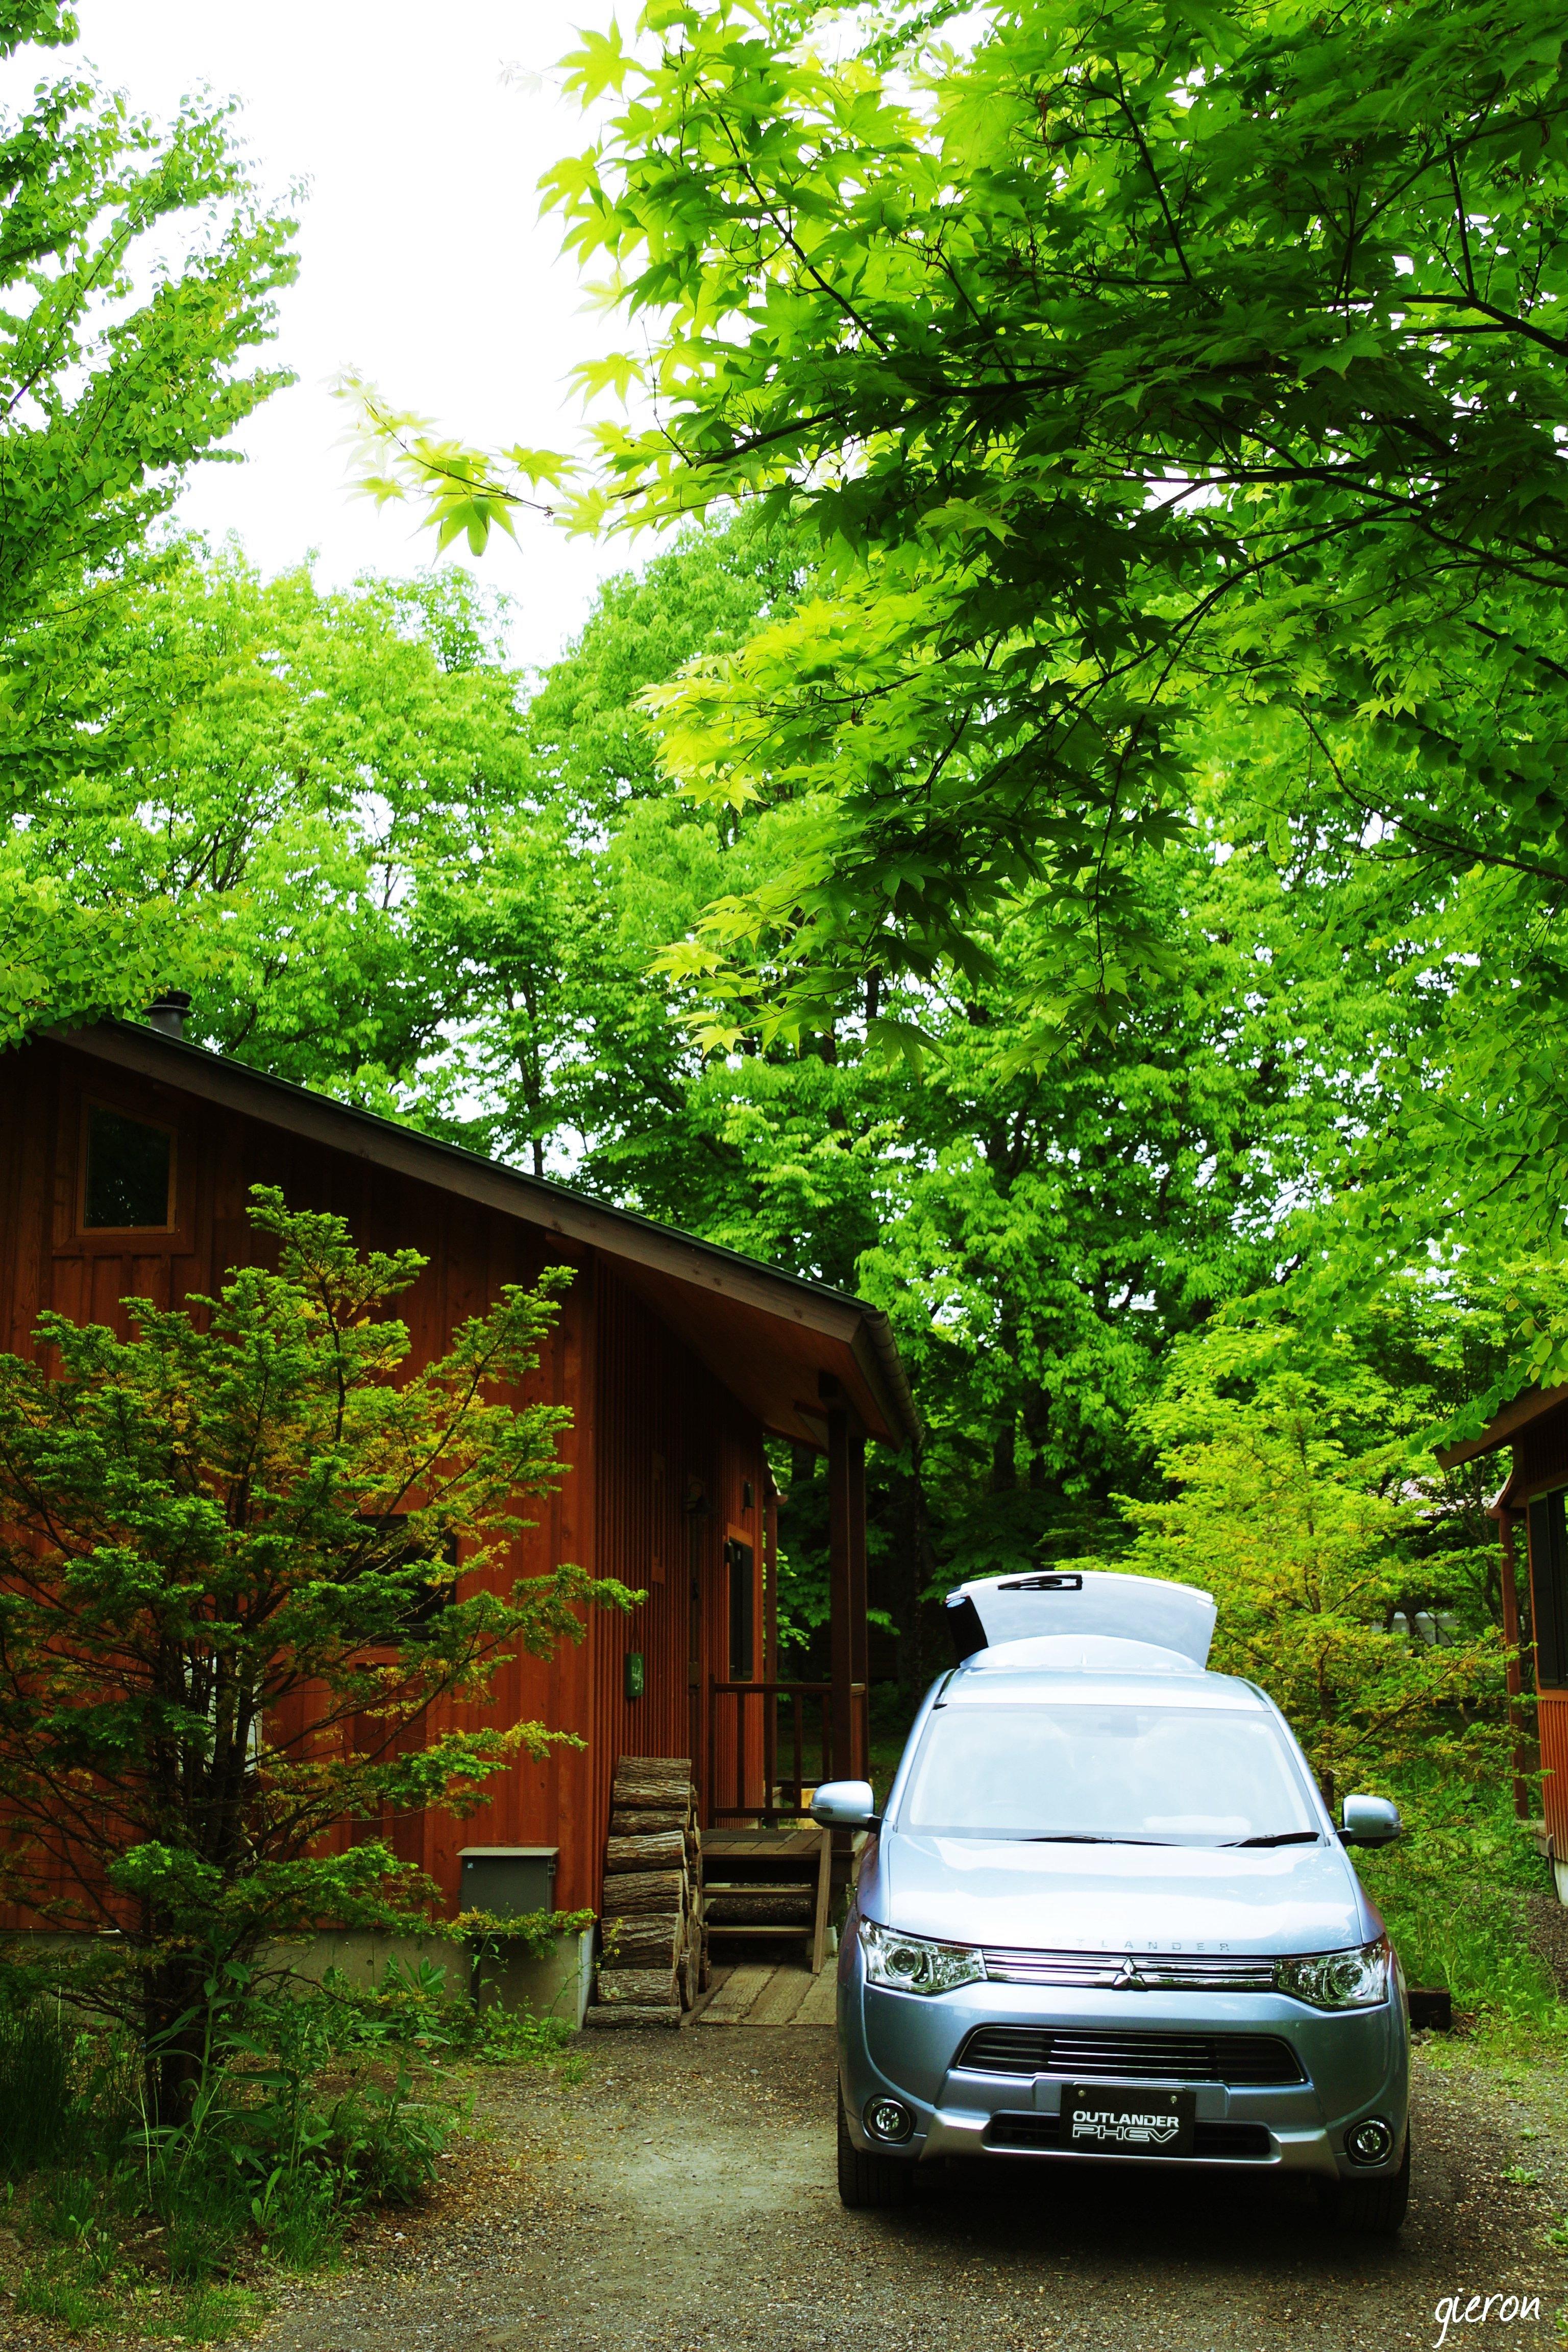 北軽井沢 スウィートグラスキャンプ場 クルマの撮影スポット アウトランダーPHEV